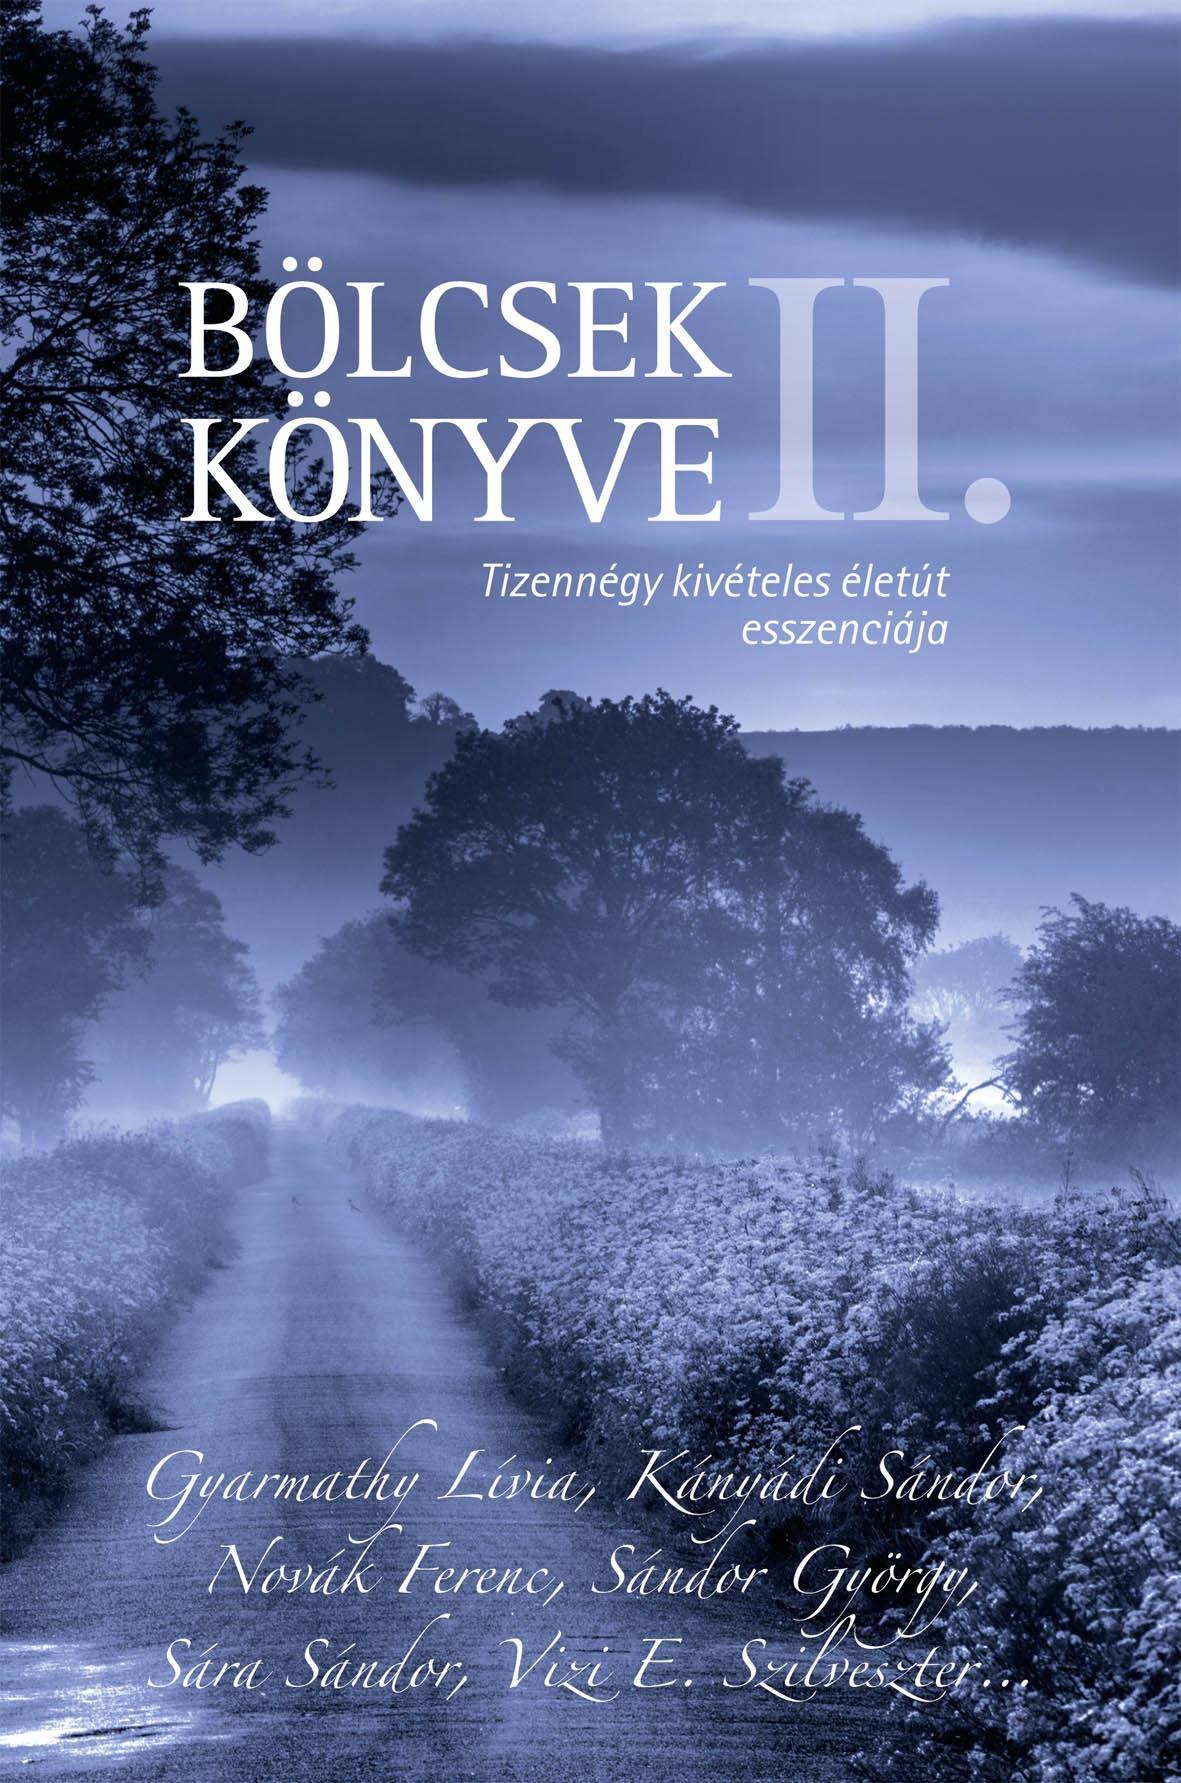 BÖLCSEK KÖNYVE II. - TIZENNÉGY KIVÉTELES ÉLETÚT ESSZENCIÁJA